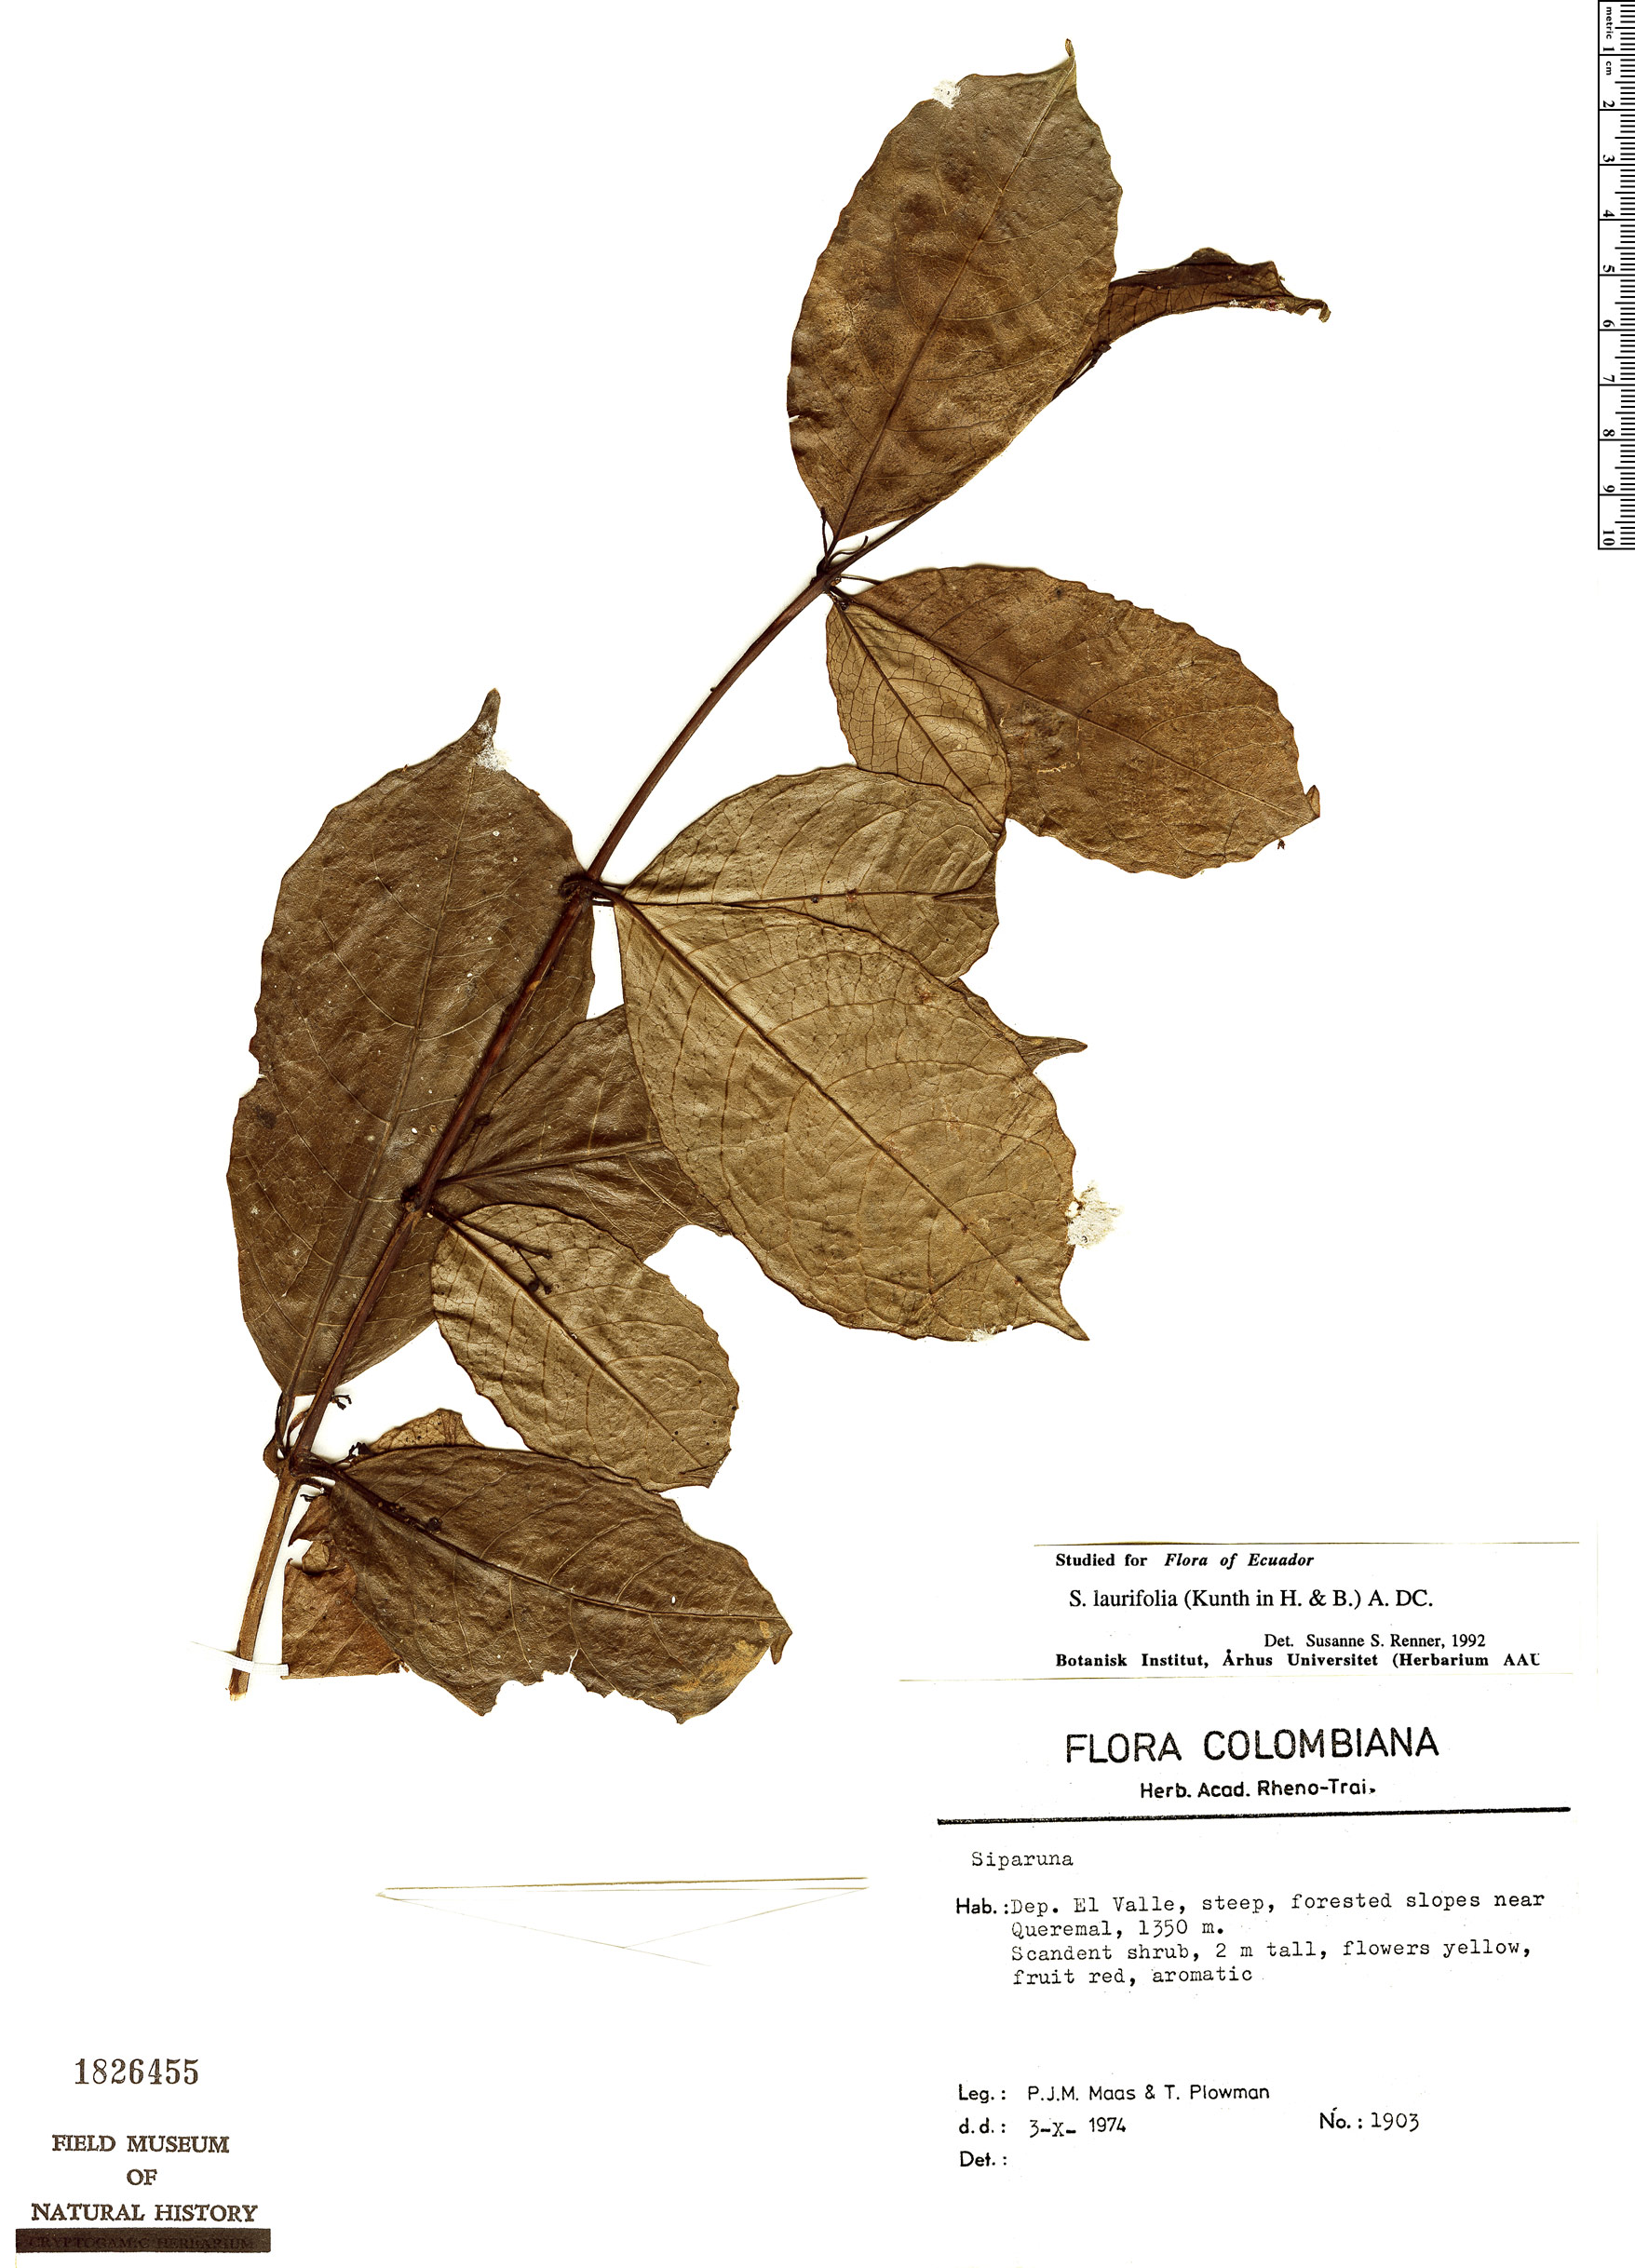 Specimen: Siparuna laurifolia